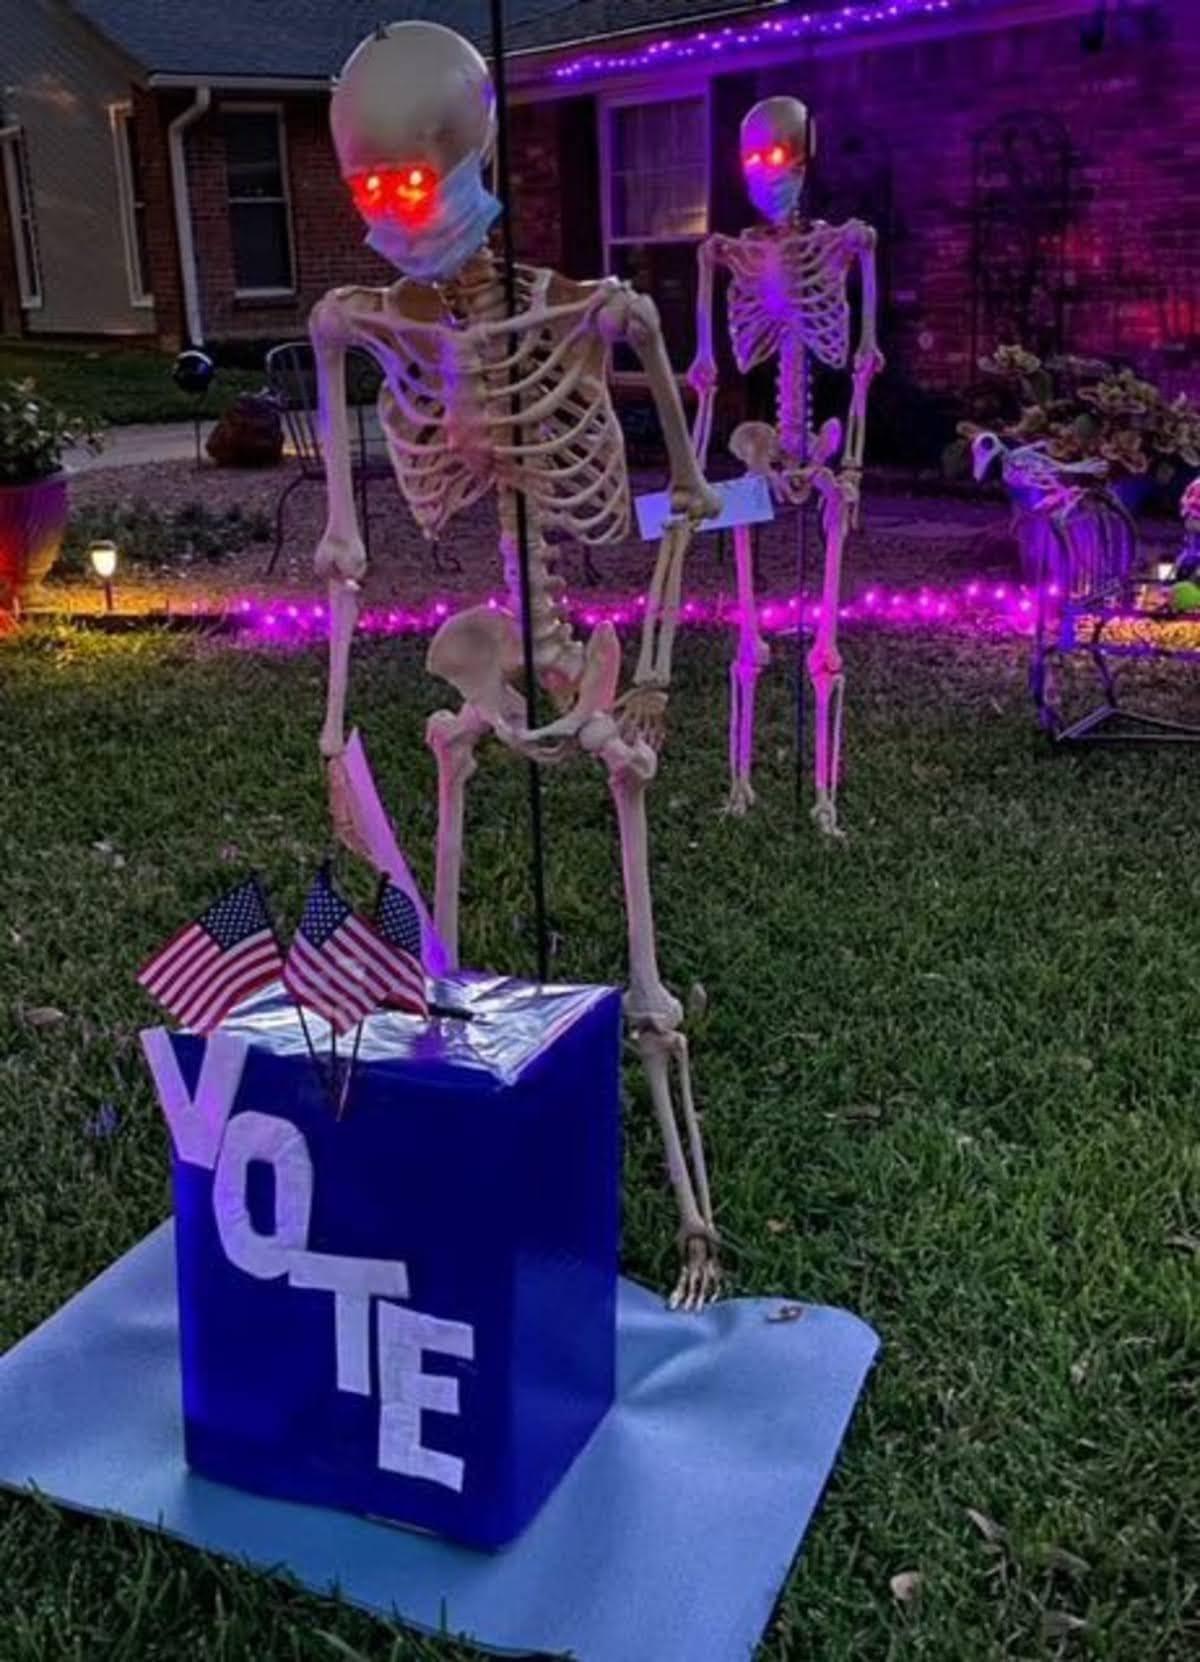 Хелловін-2020 року - свято, яке відображає нагальні проблеми людства - фото 2